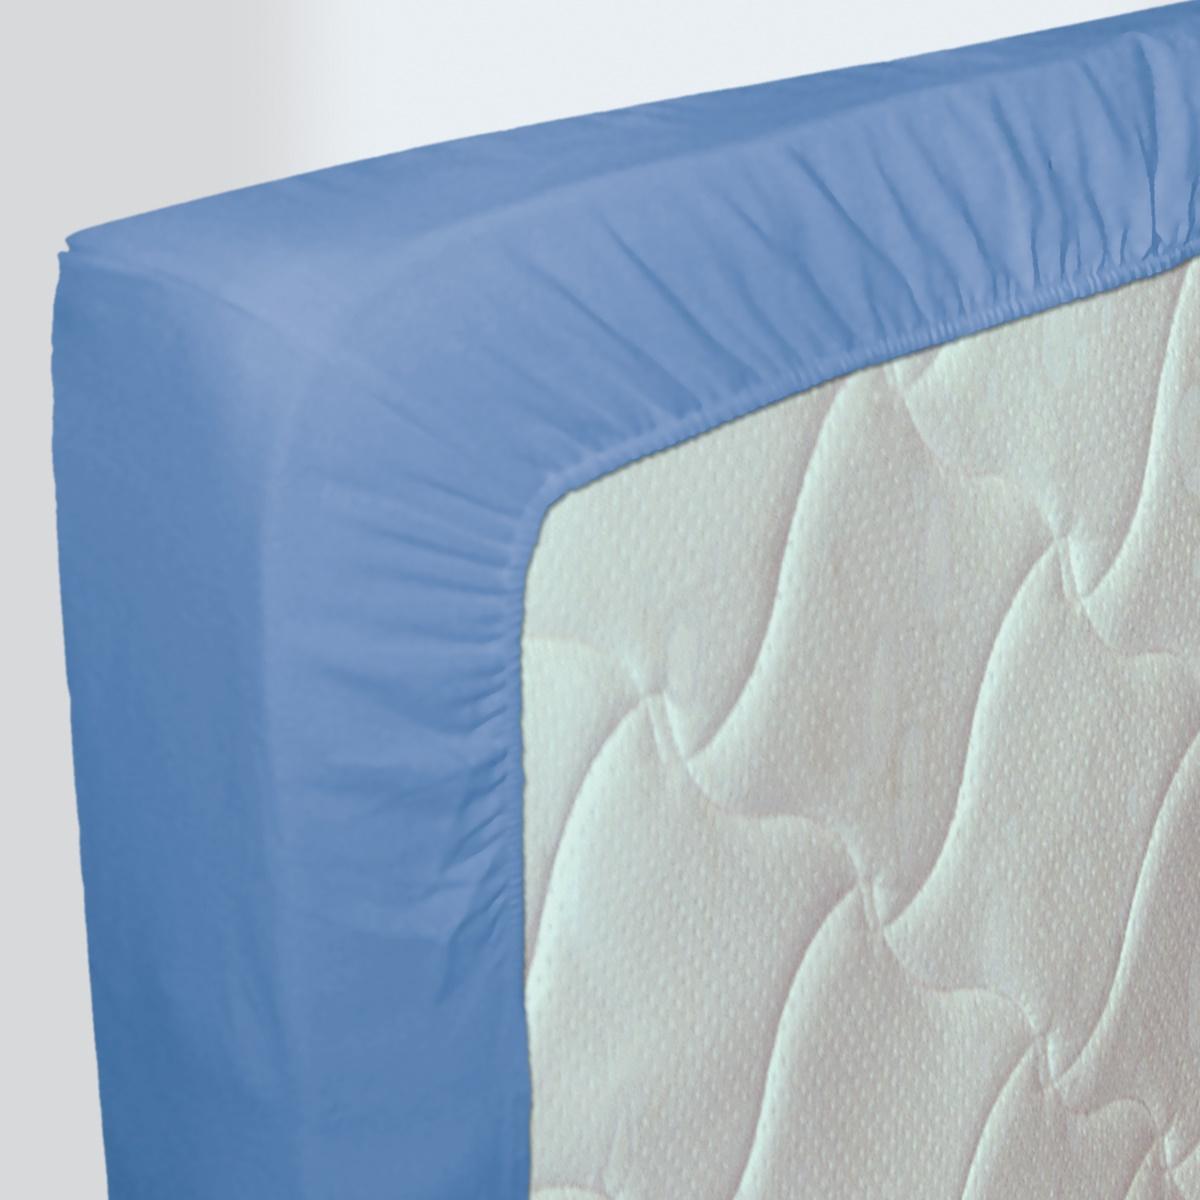 Drap-housse Uni 100% Coton Nuit des Vosges Bleu Nattier